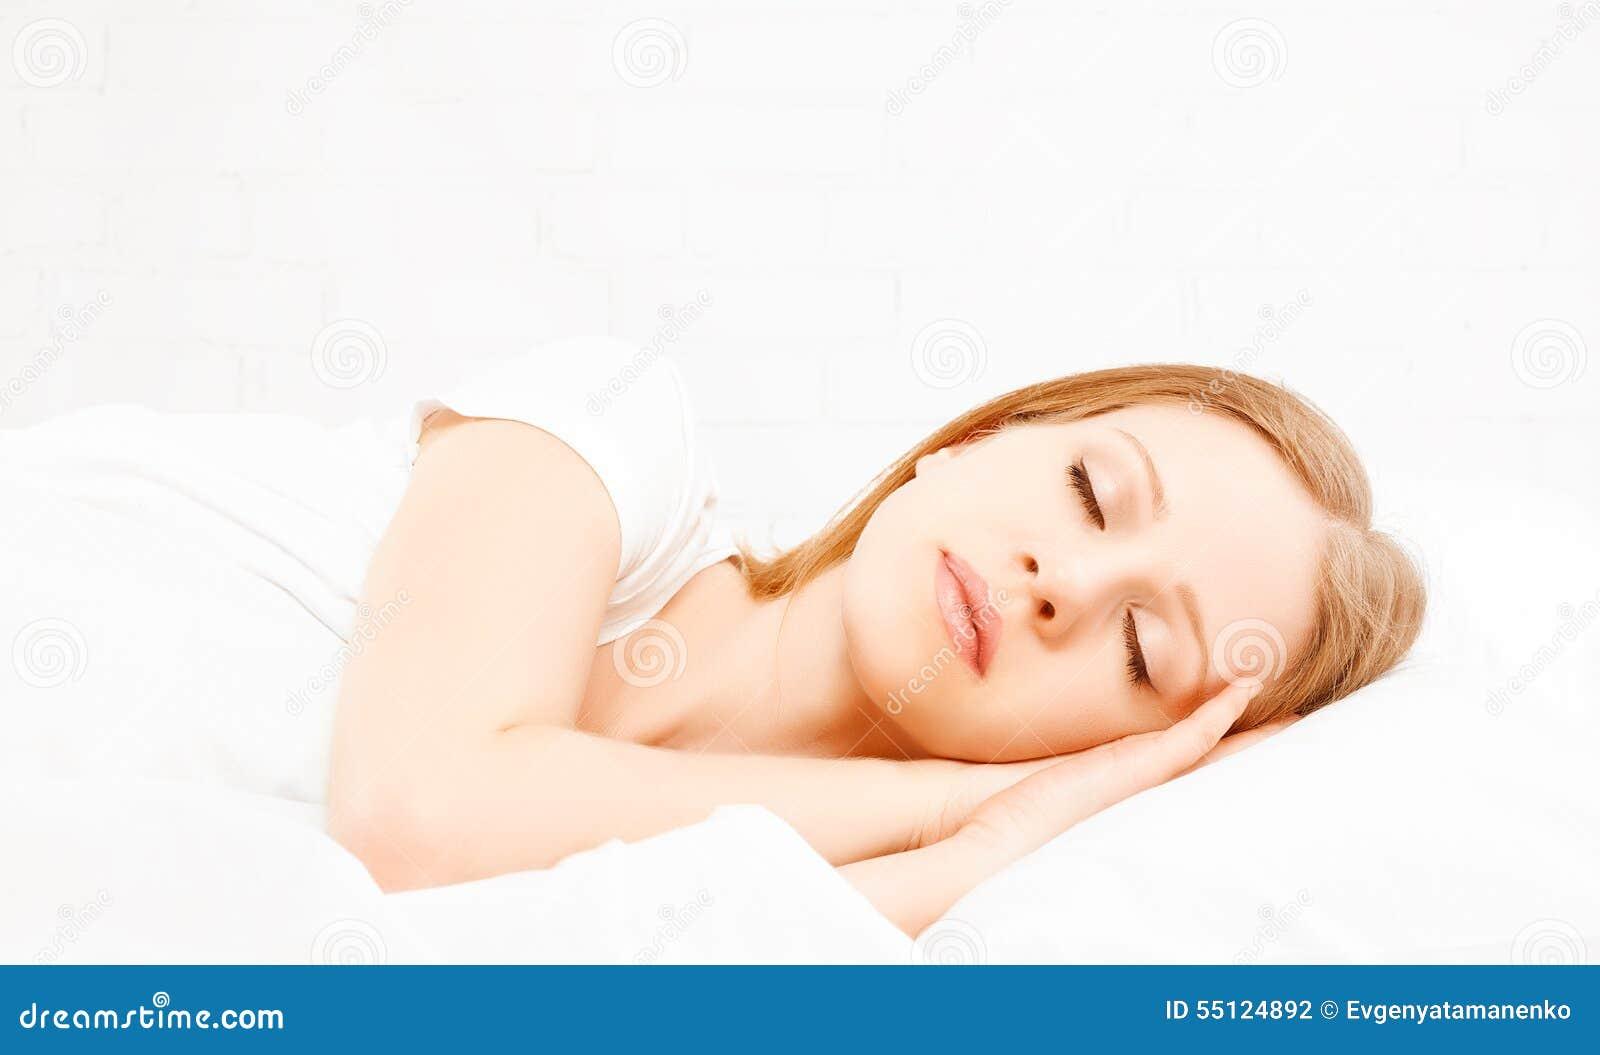 Gesunde junge Schönheit, die im weißen Bett schläft